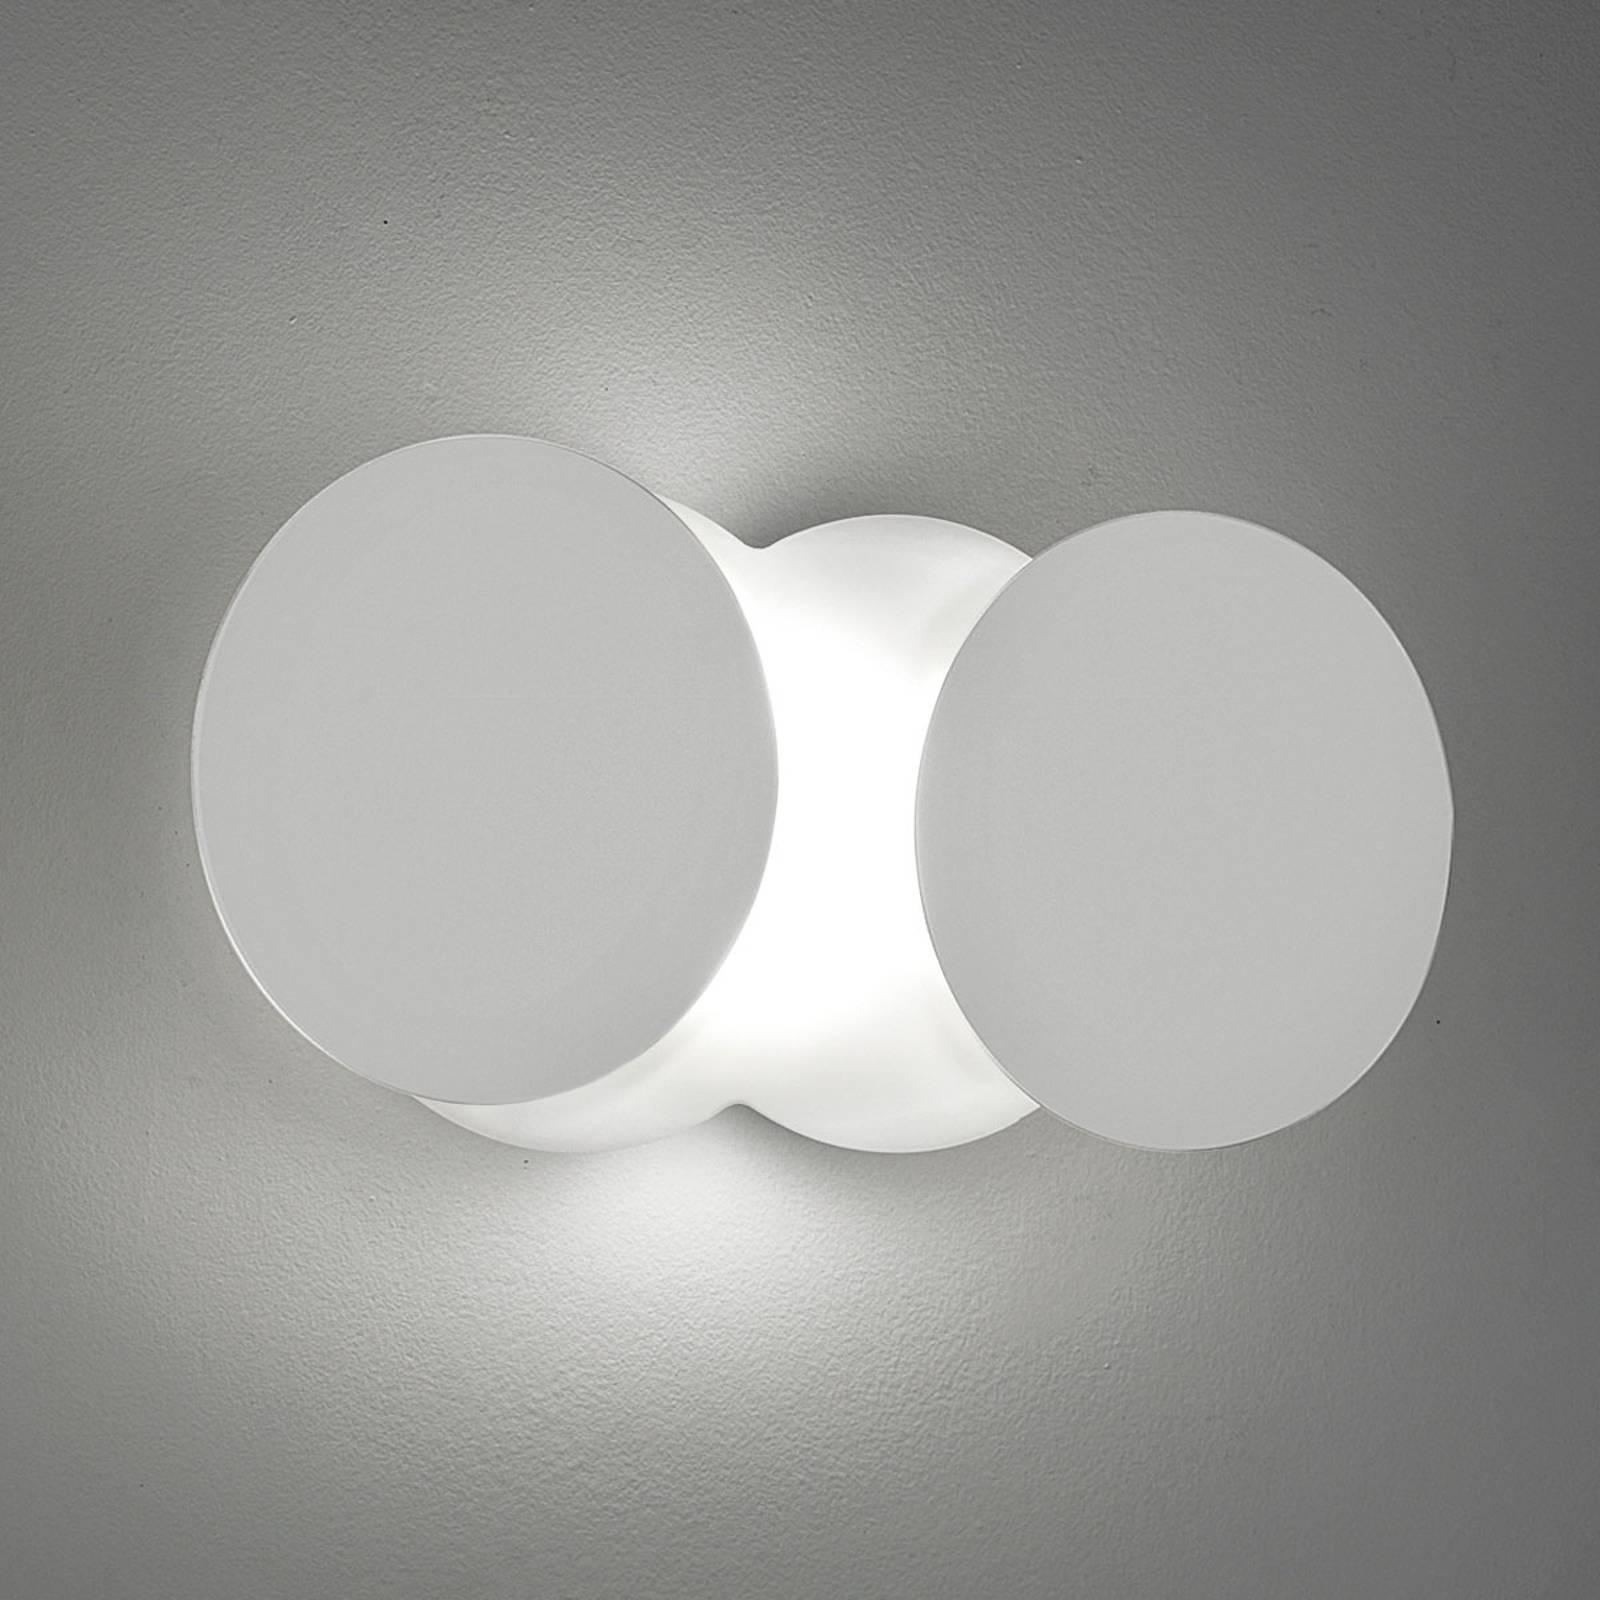 Veranderlijke LED wandlamp Nuvola, wit